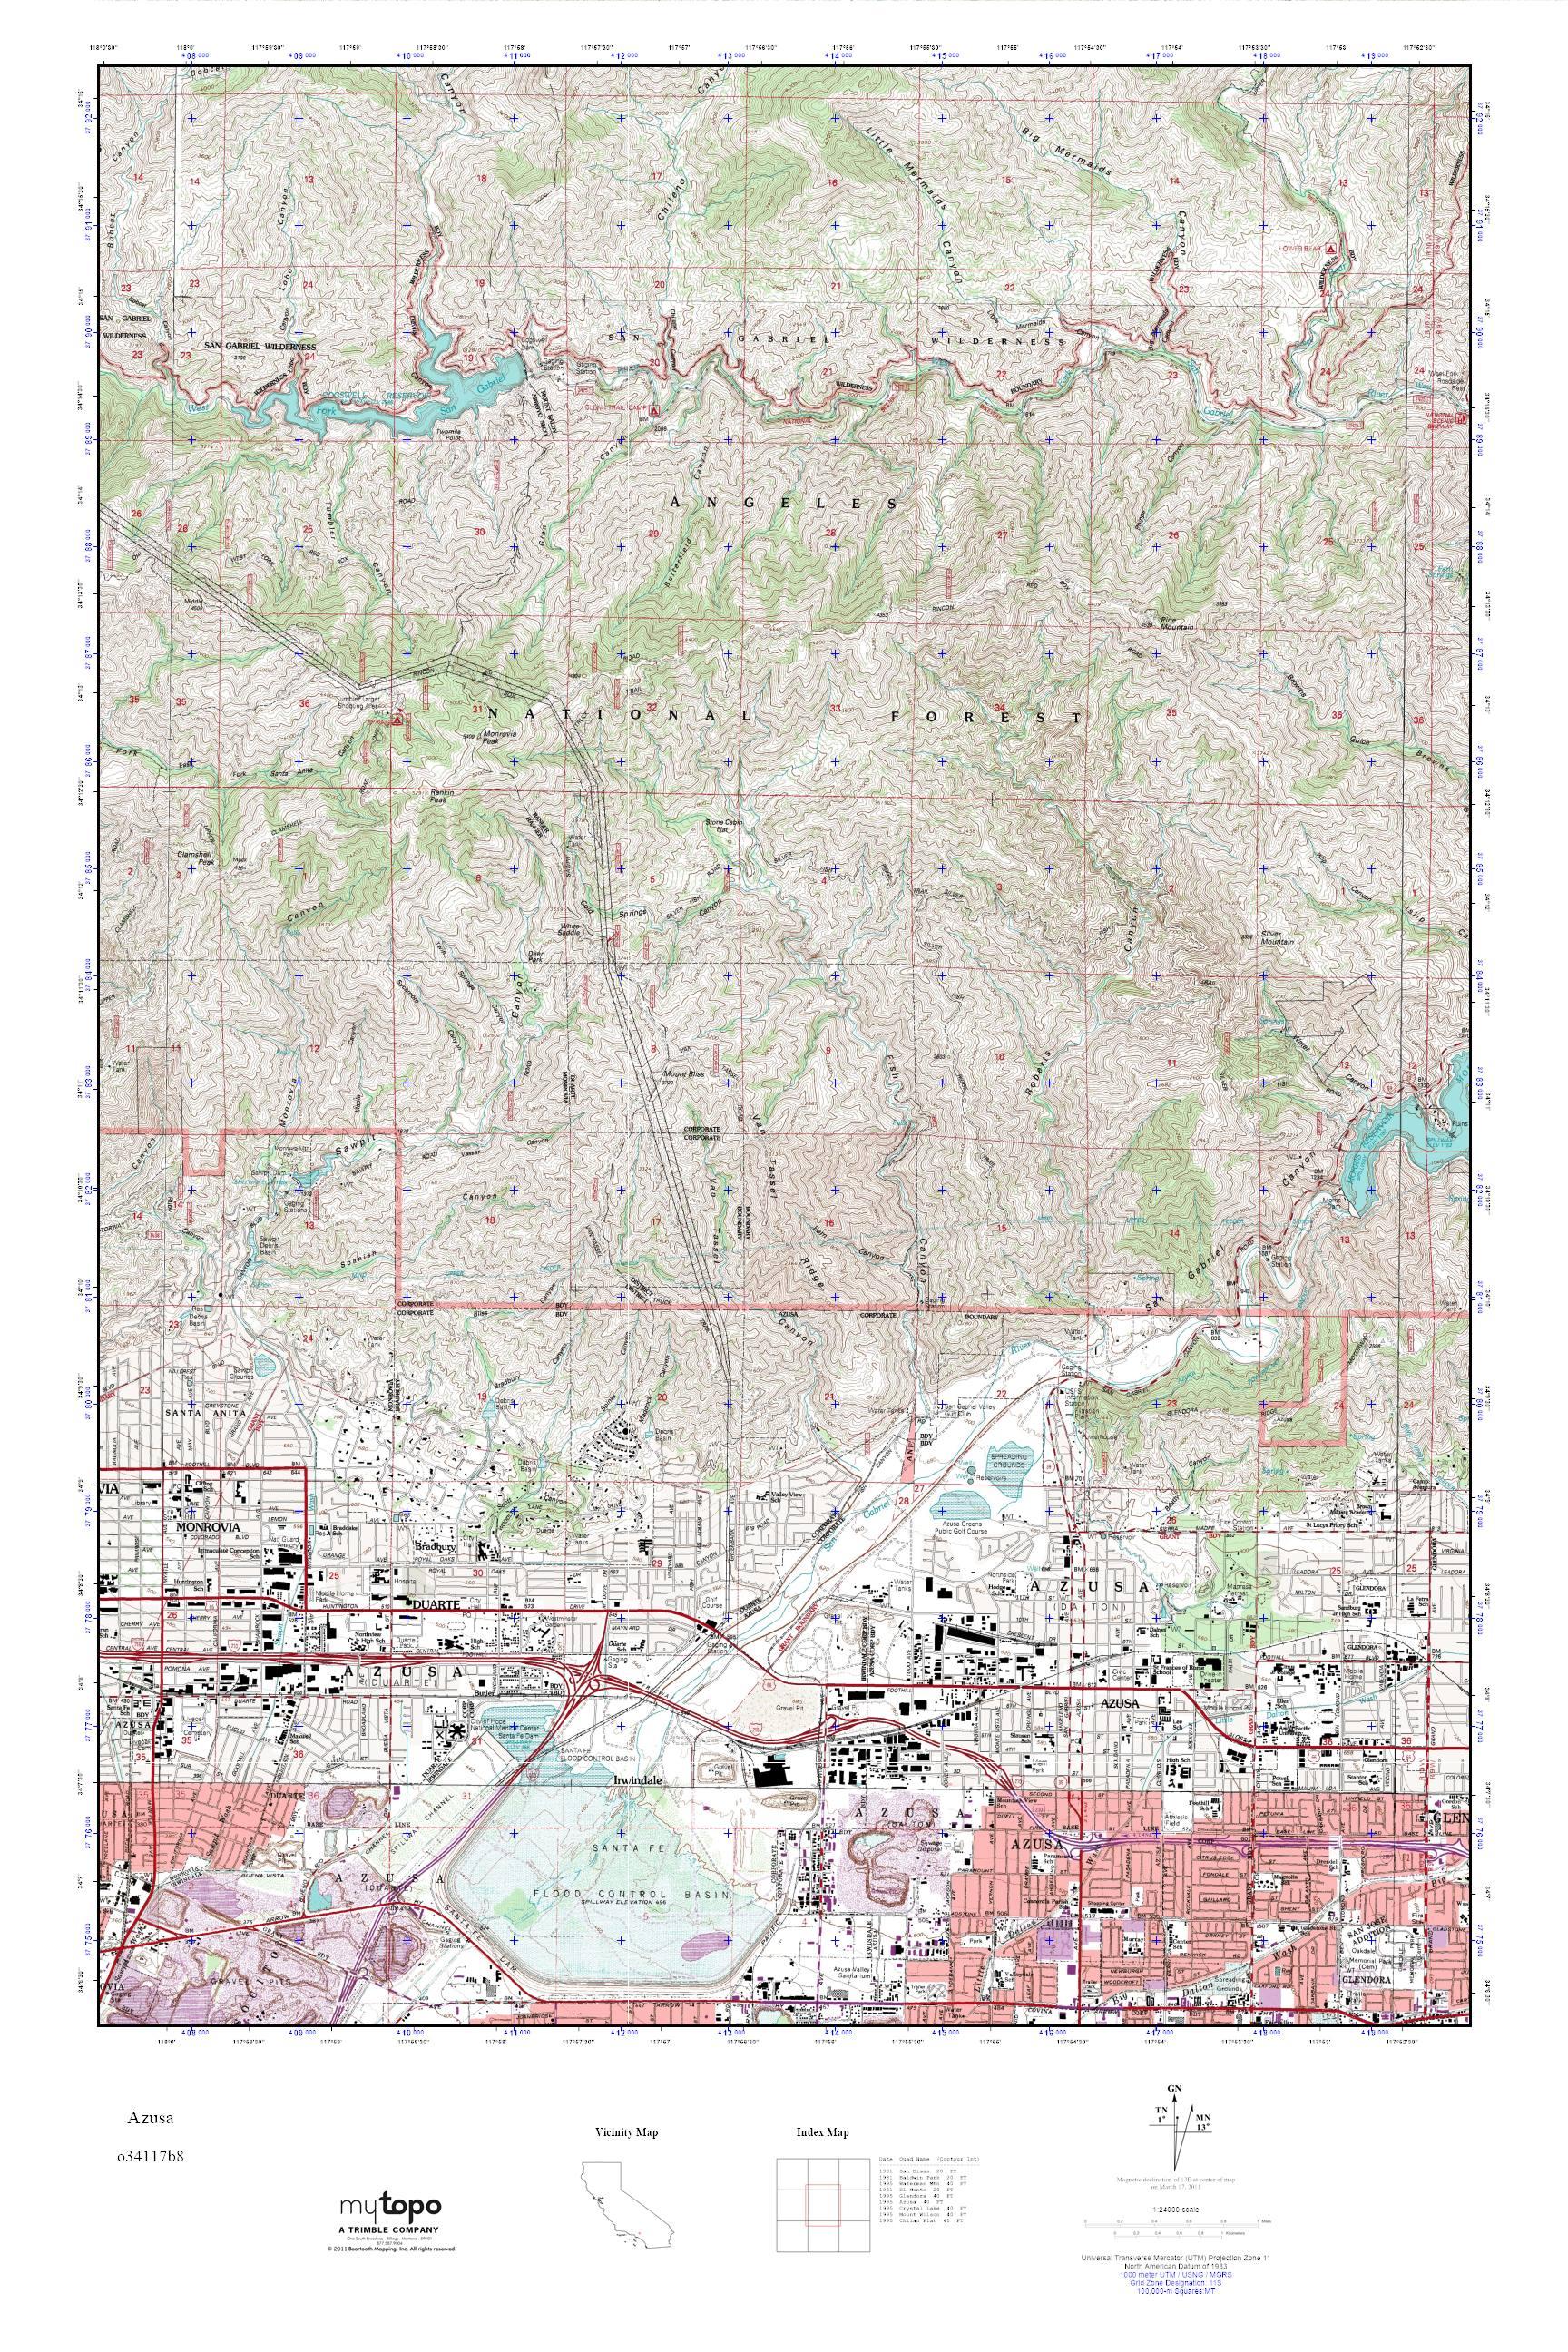 MyTopo Azusa, California USGS Quad Topo Map on